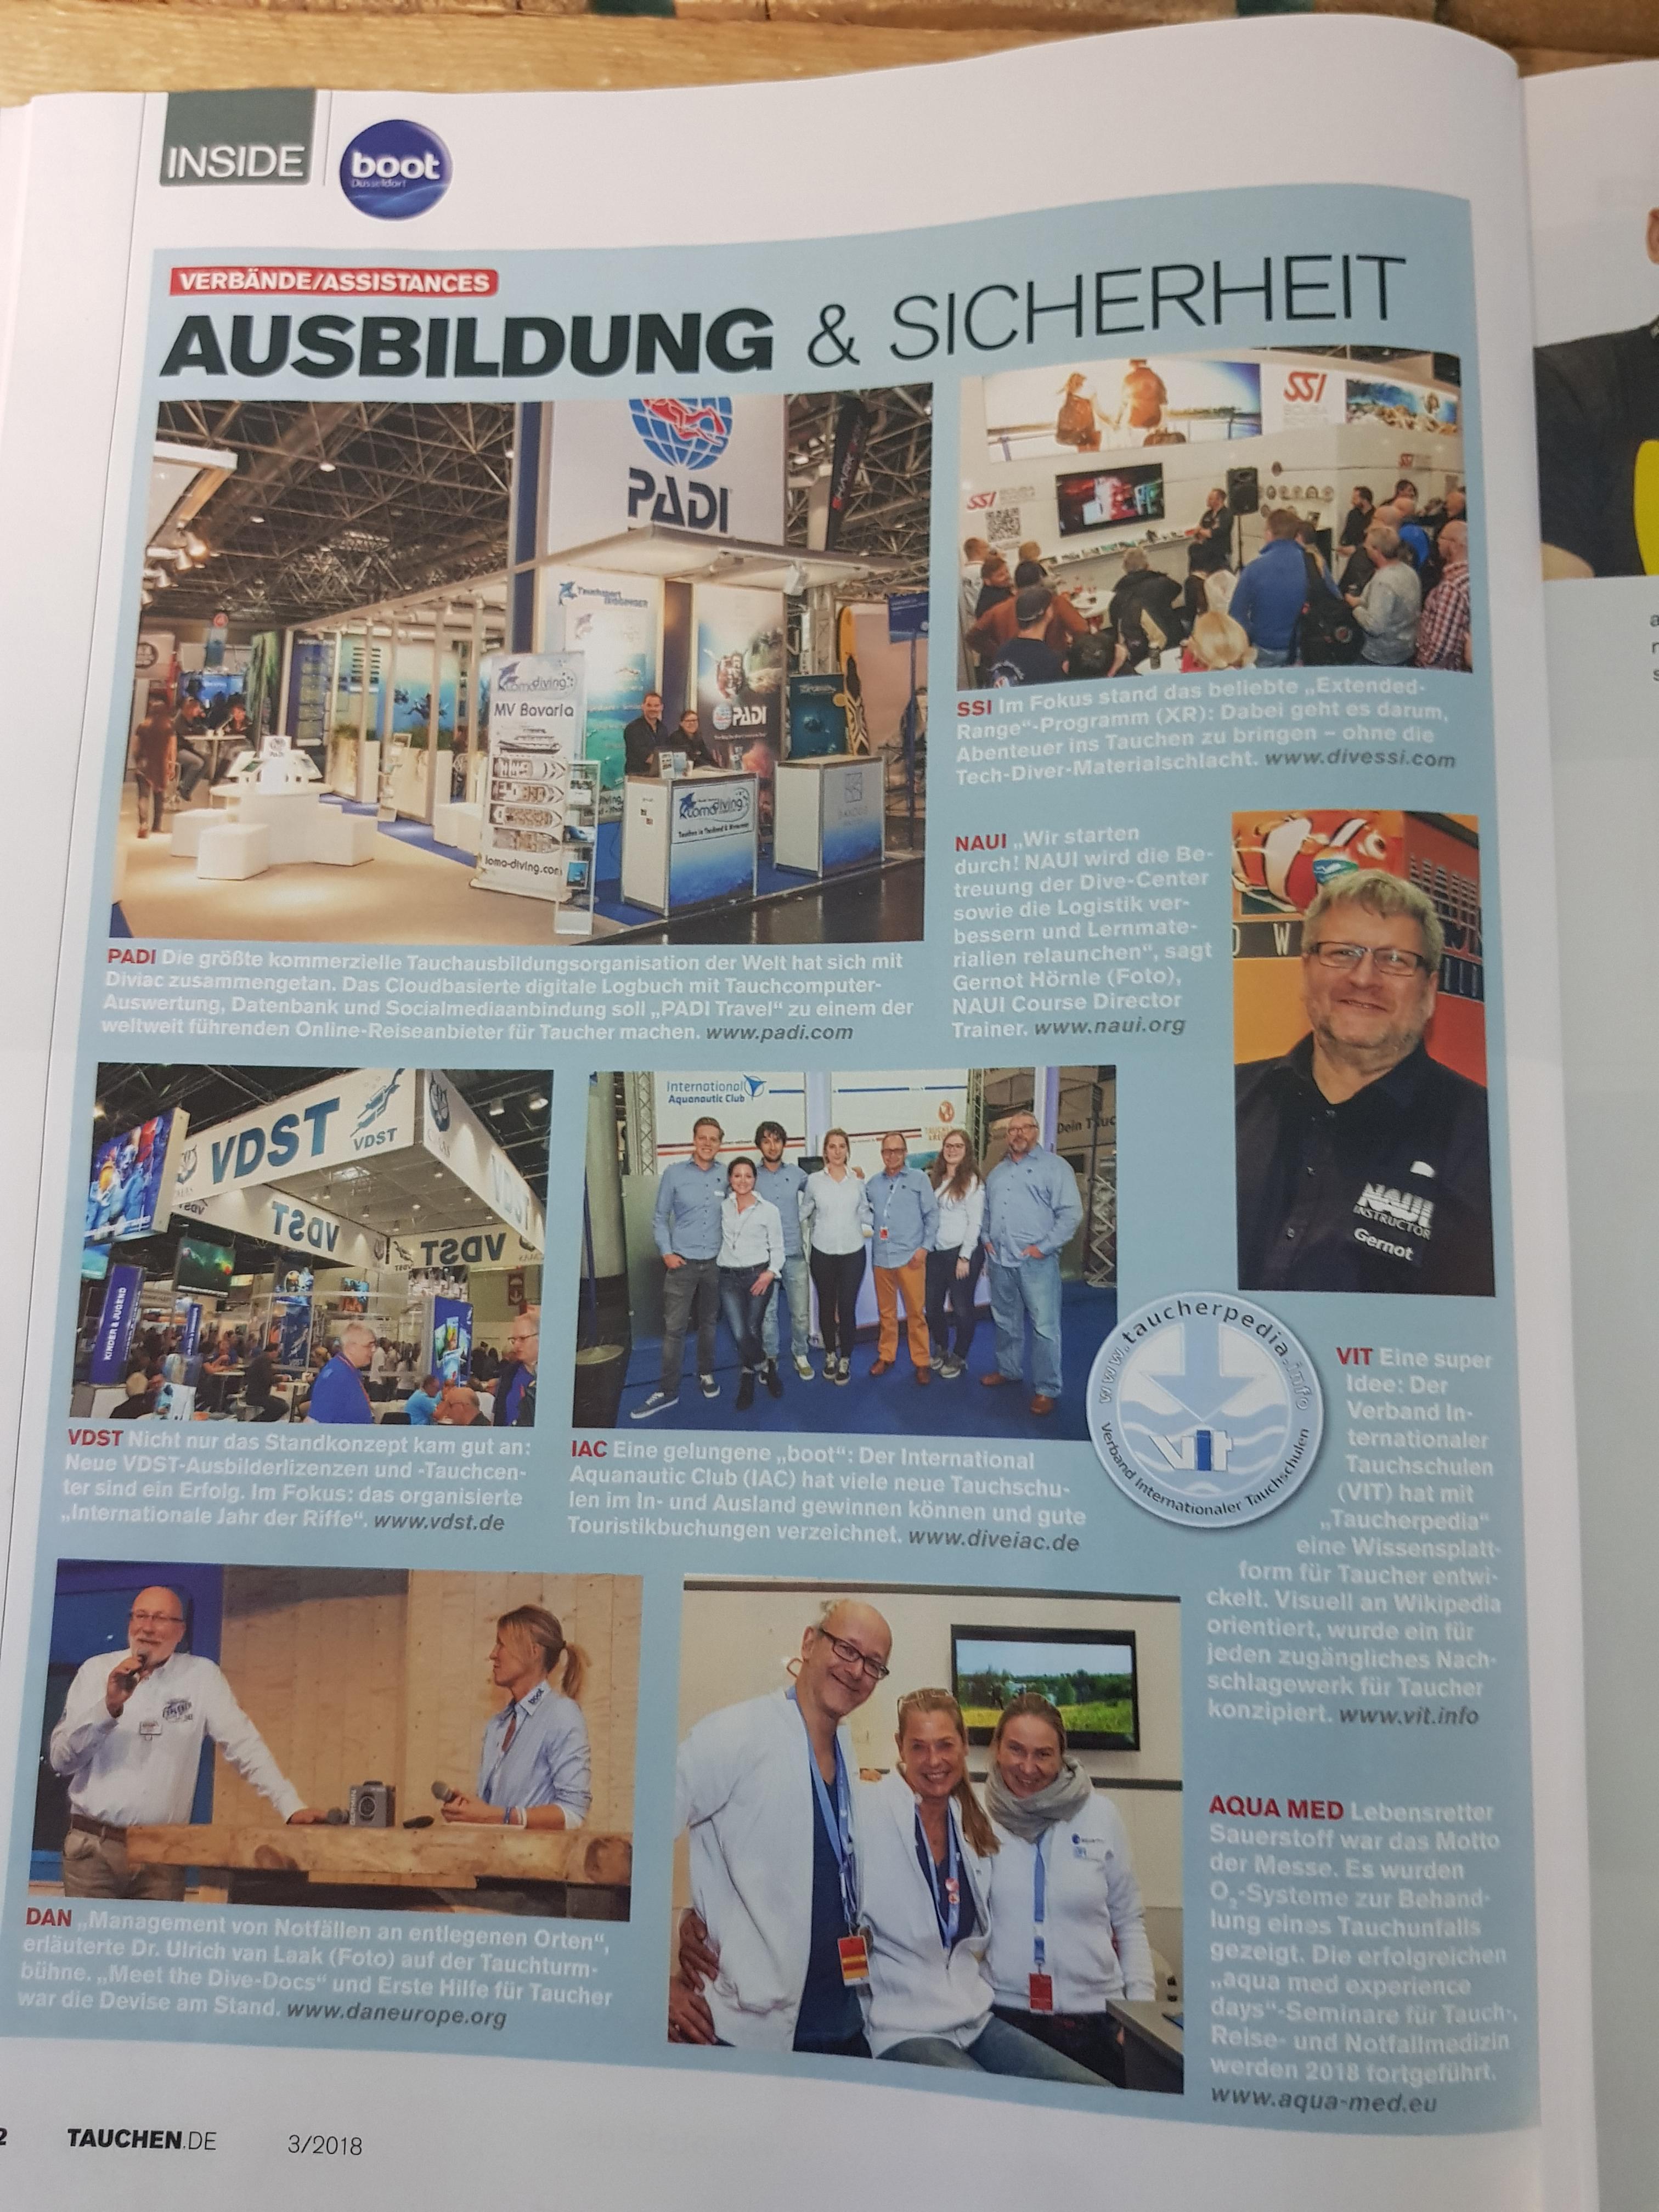 Gernot Hörnle Experte Tauchen Tauchkurs Wiesbaden Mainz Zeitung